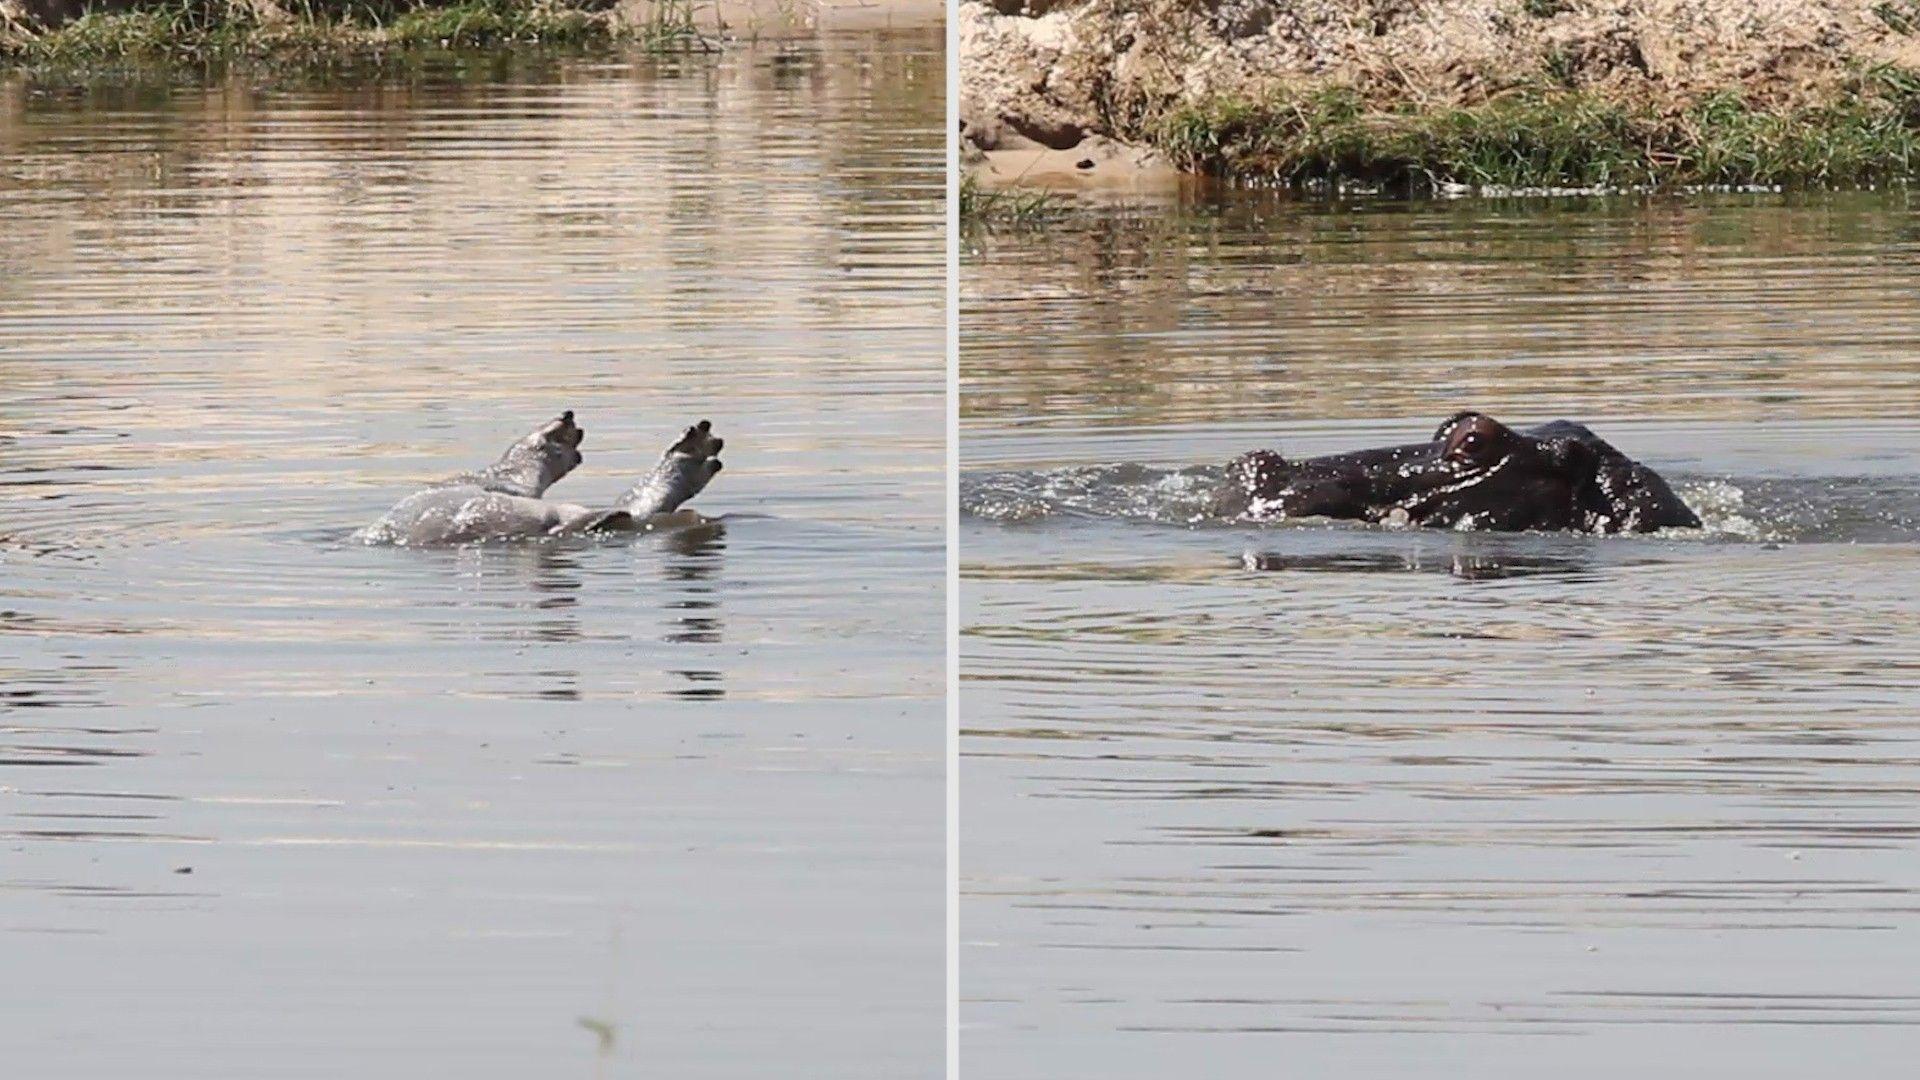 Botswana : une mère hippopotame refuse de quitter son petit décédé | National Geographic